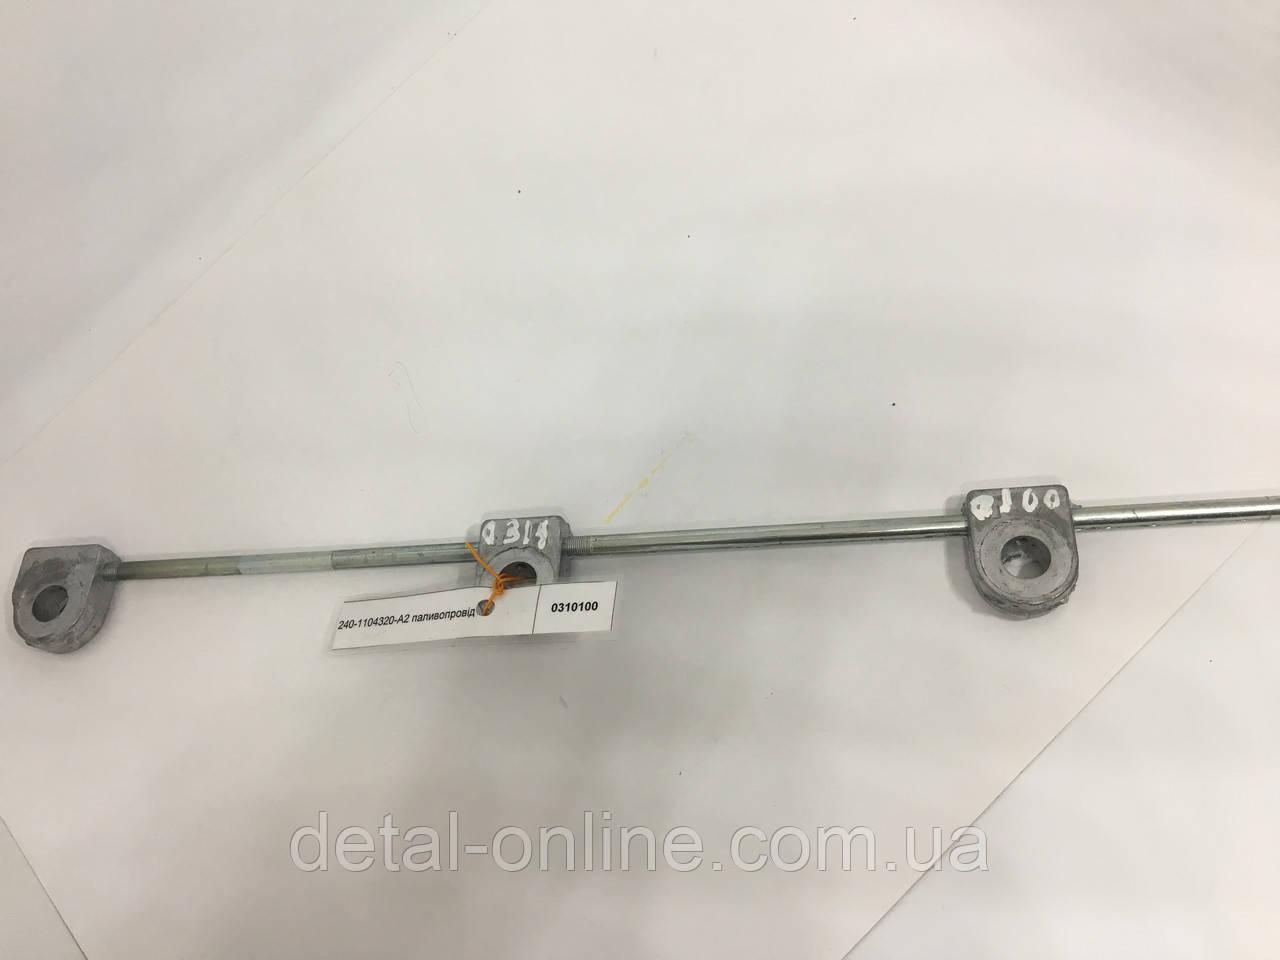 Топливопровод дренажный (обратка) 240-1104320-А2 МТЗ-80-82